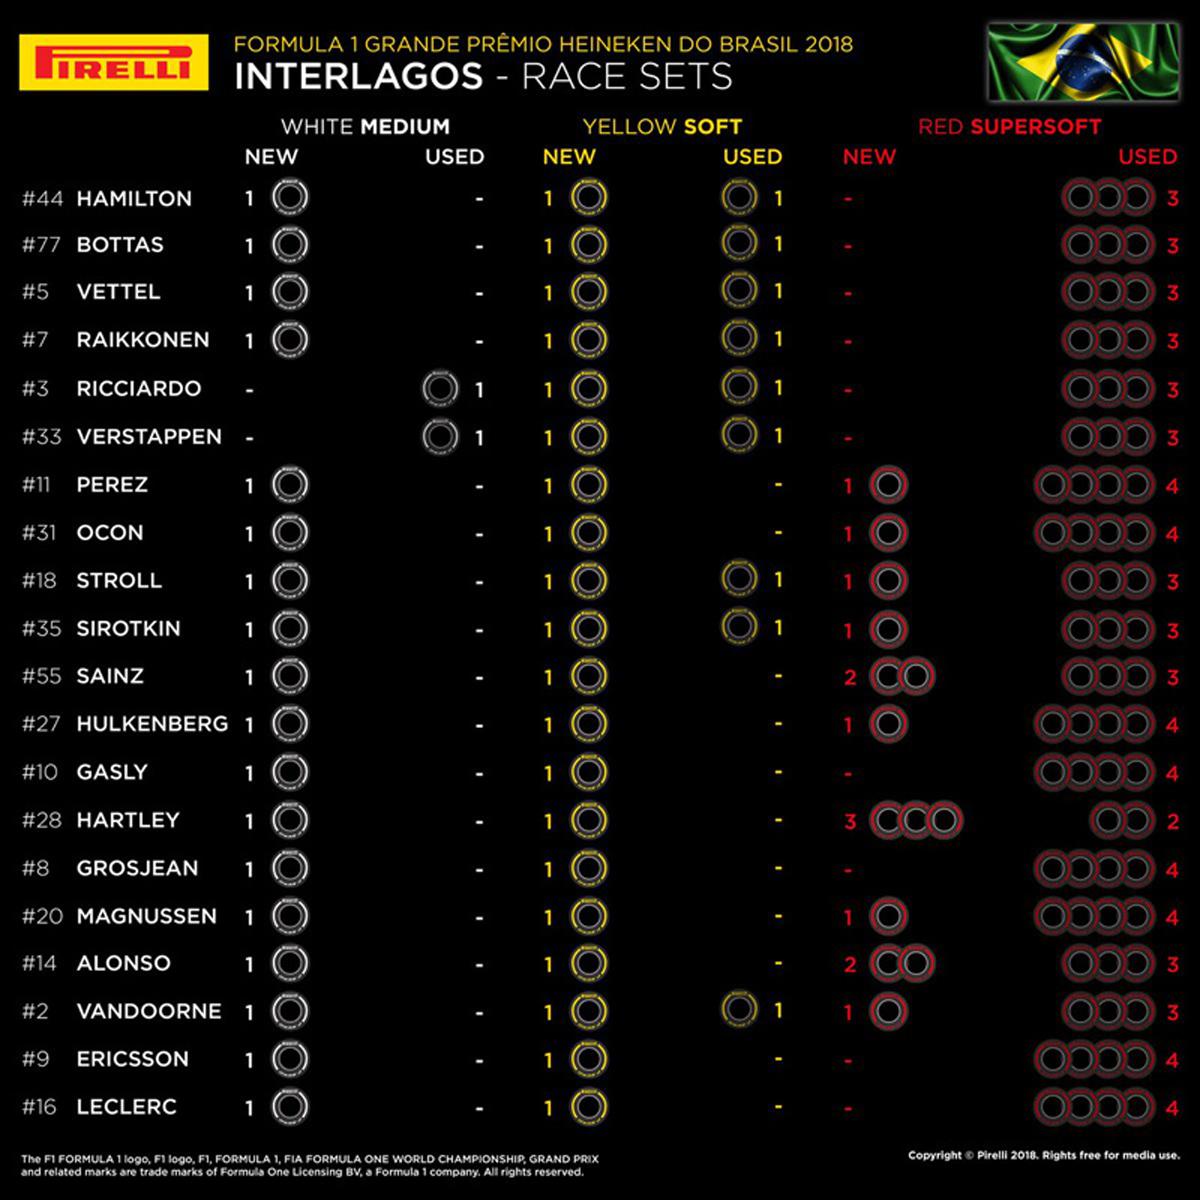 F1ブラジルGP:各ドライバーの持ちタイヤ数